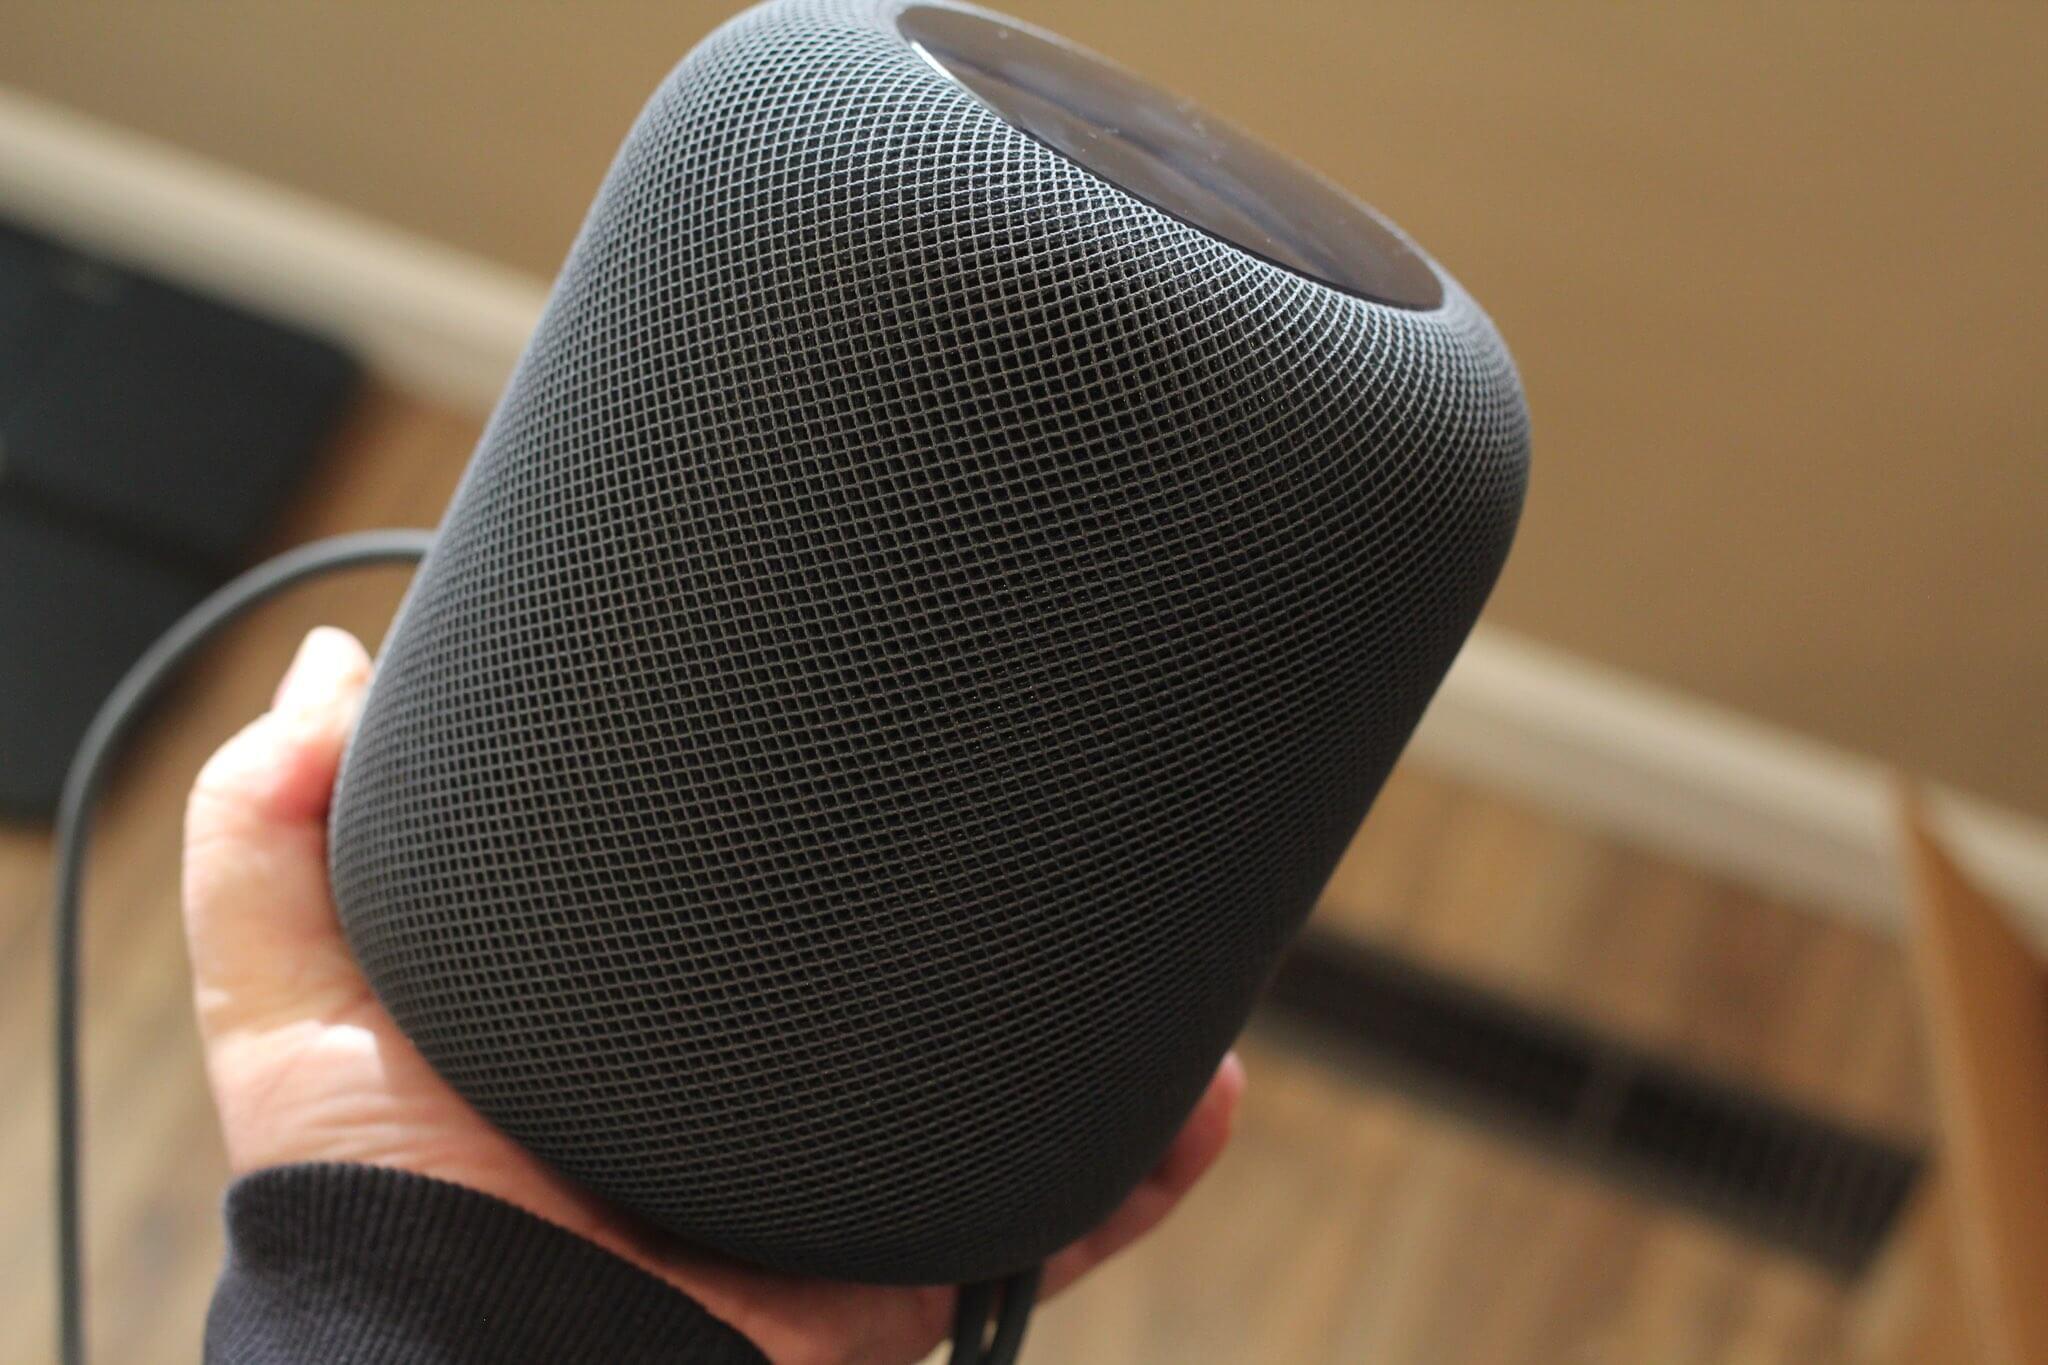 Apple продает HomePod с бета-версией iOS 11.2.5 на борту